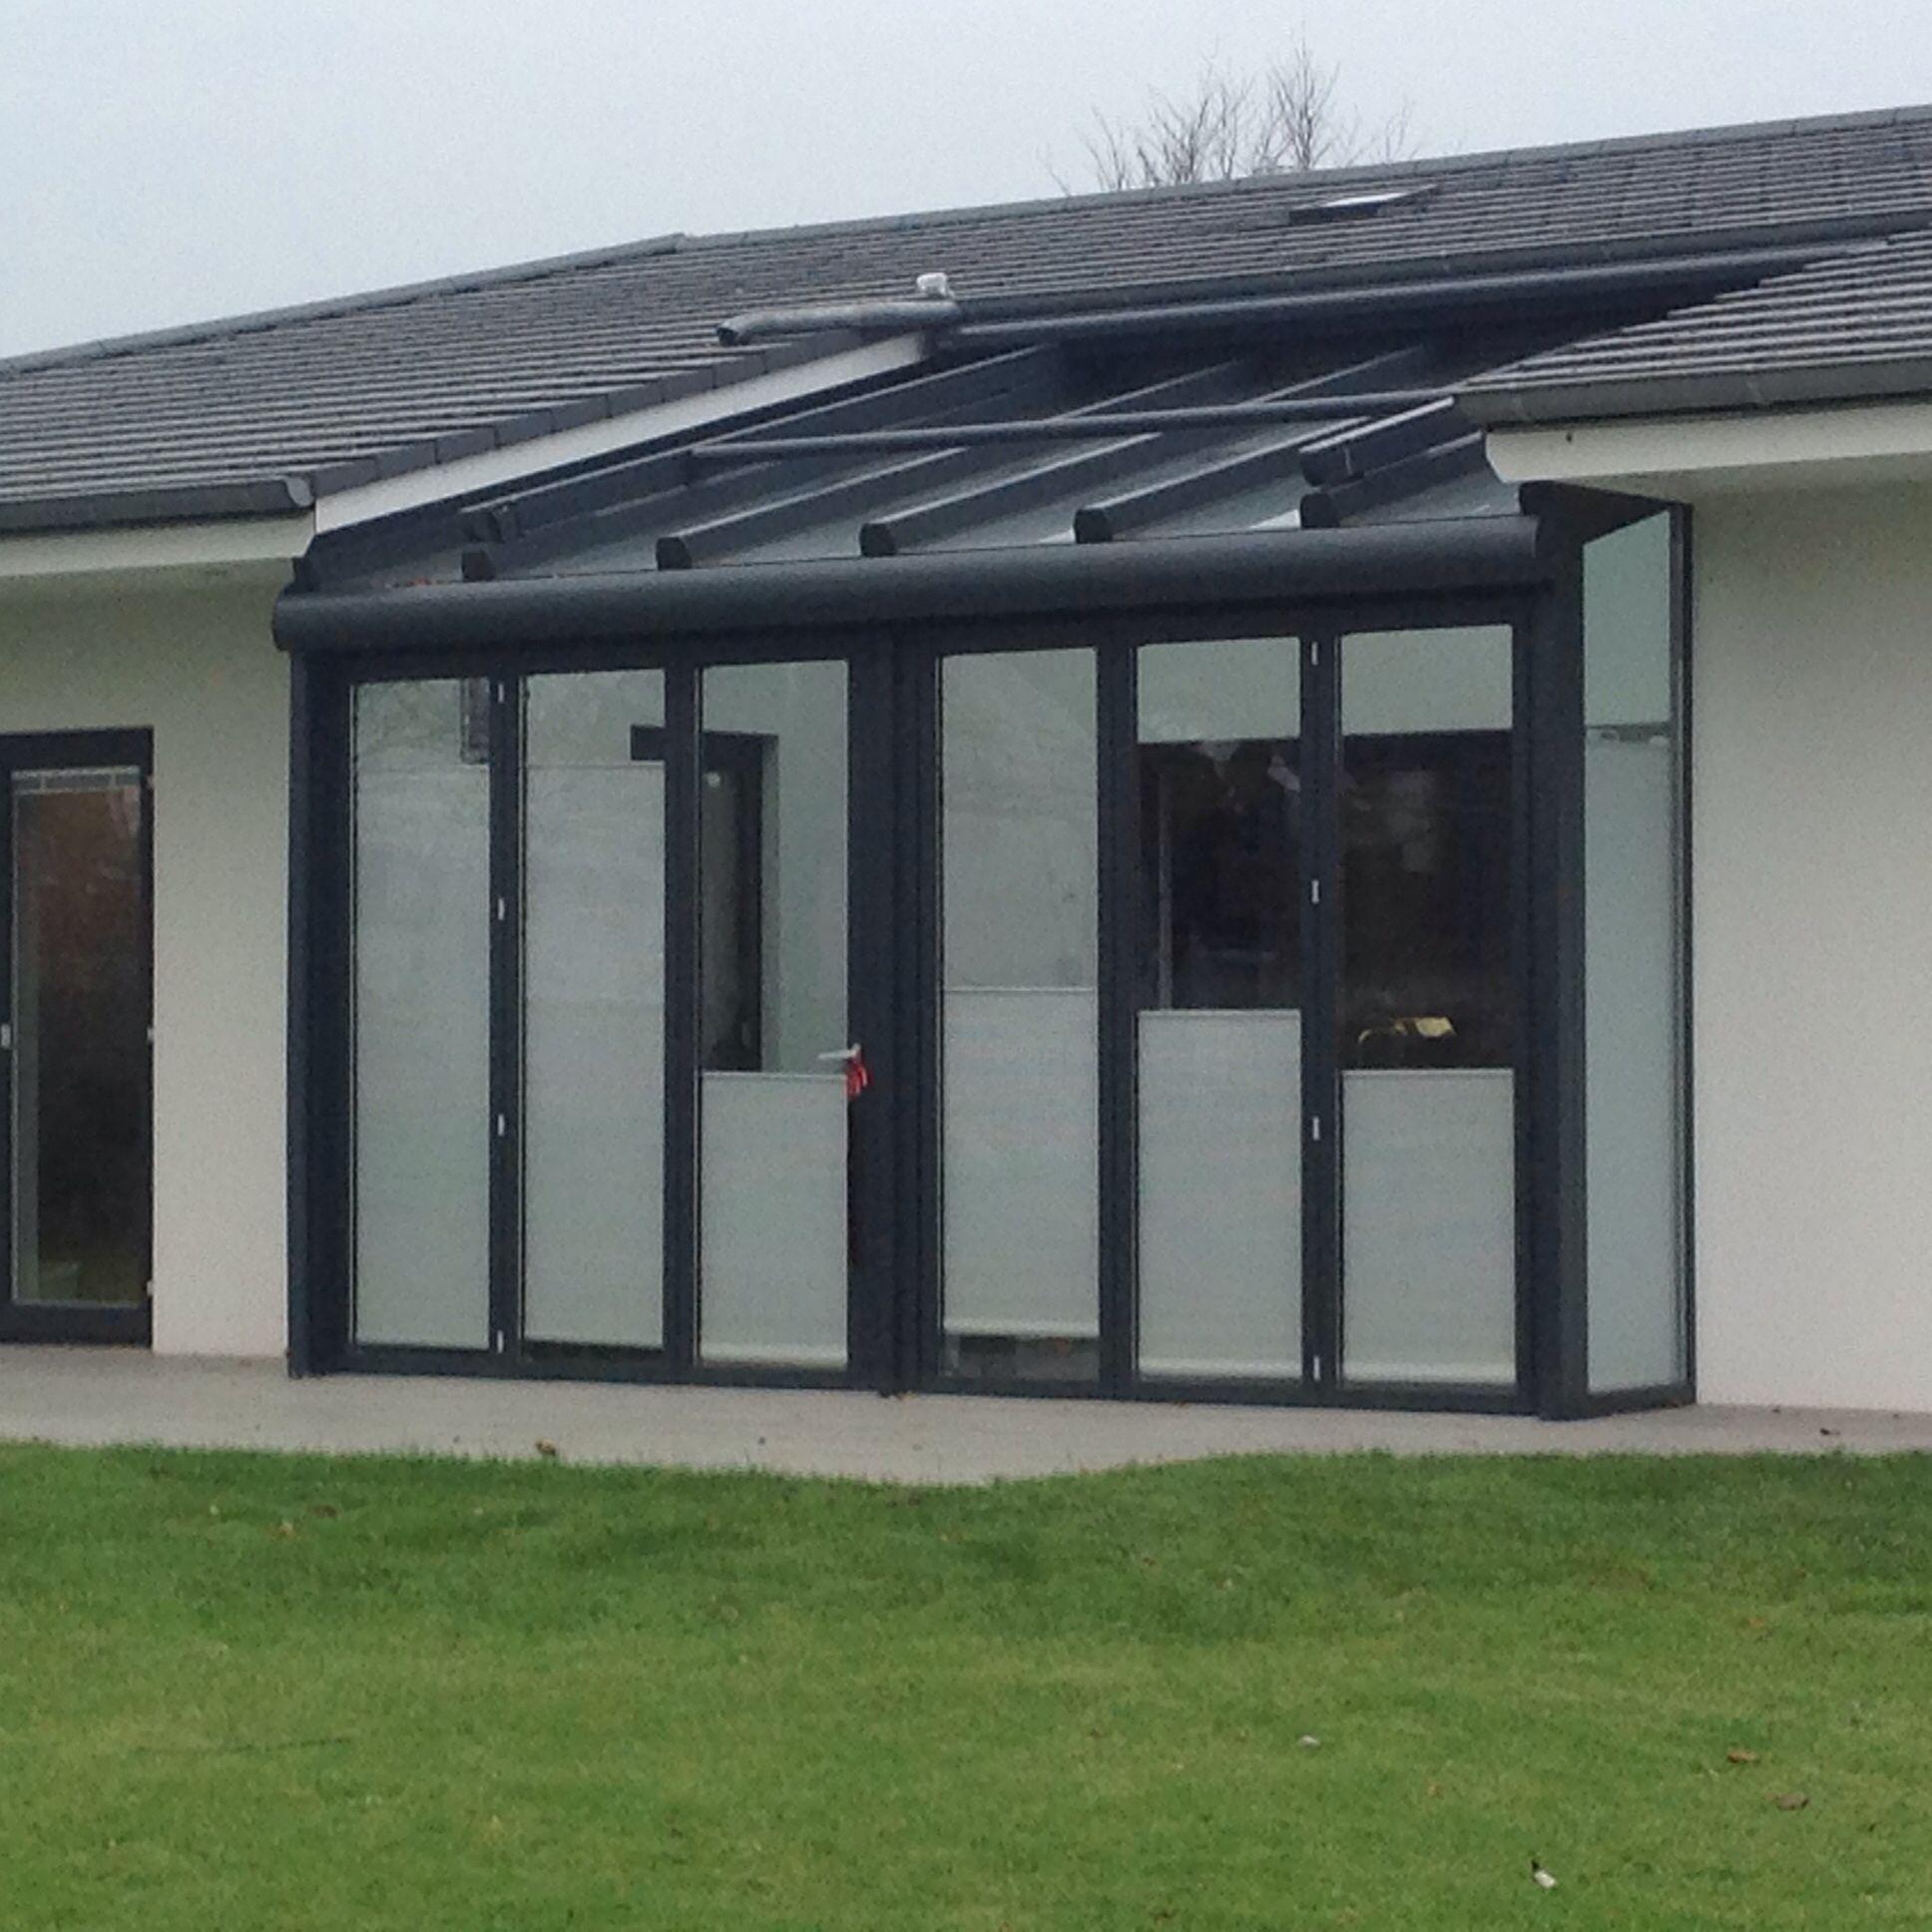 Fabelhaft Solarlux Falttüren Preise Sammlung Von Wintergarten Von Wagner Licht & Schatten Mit